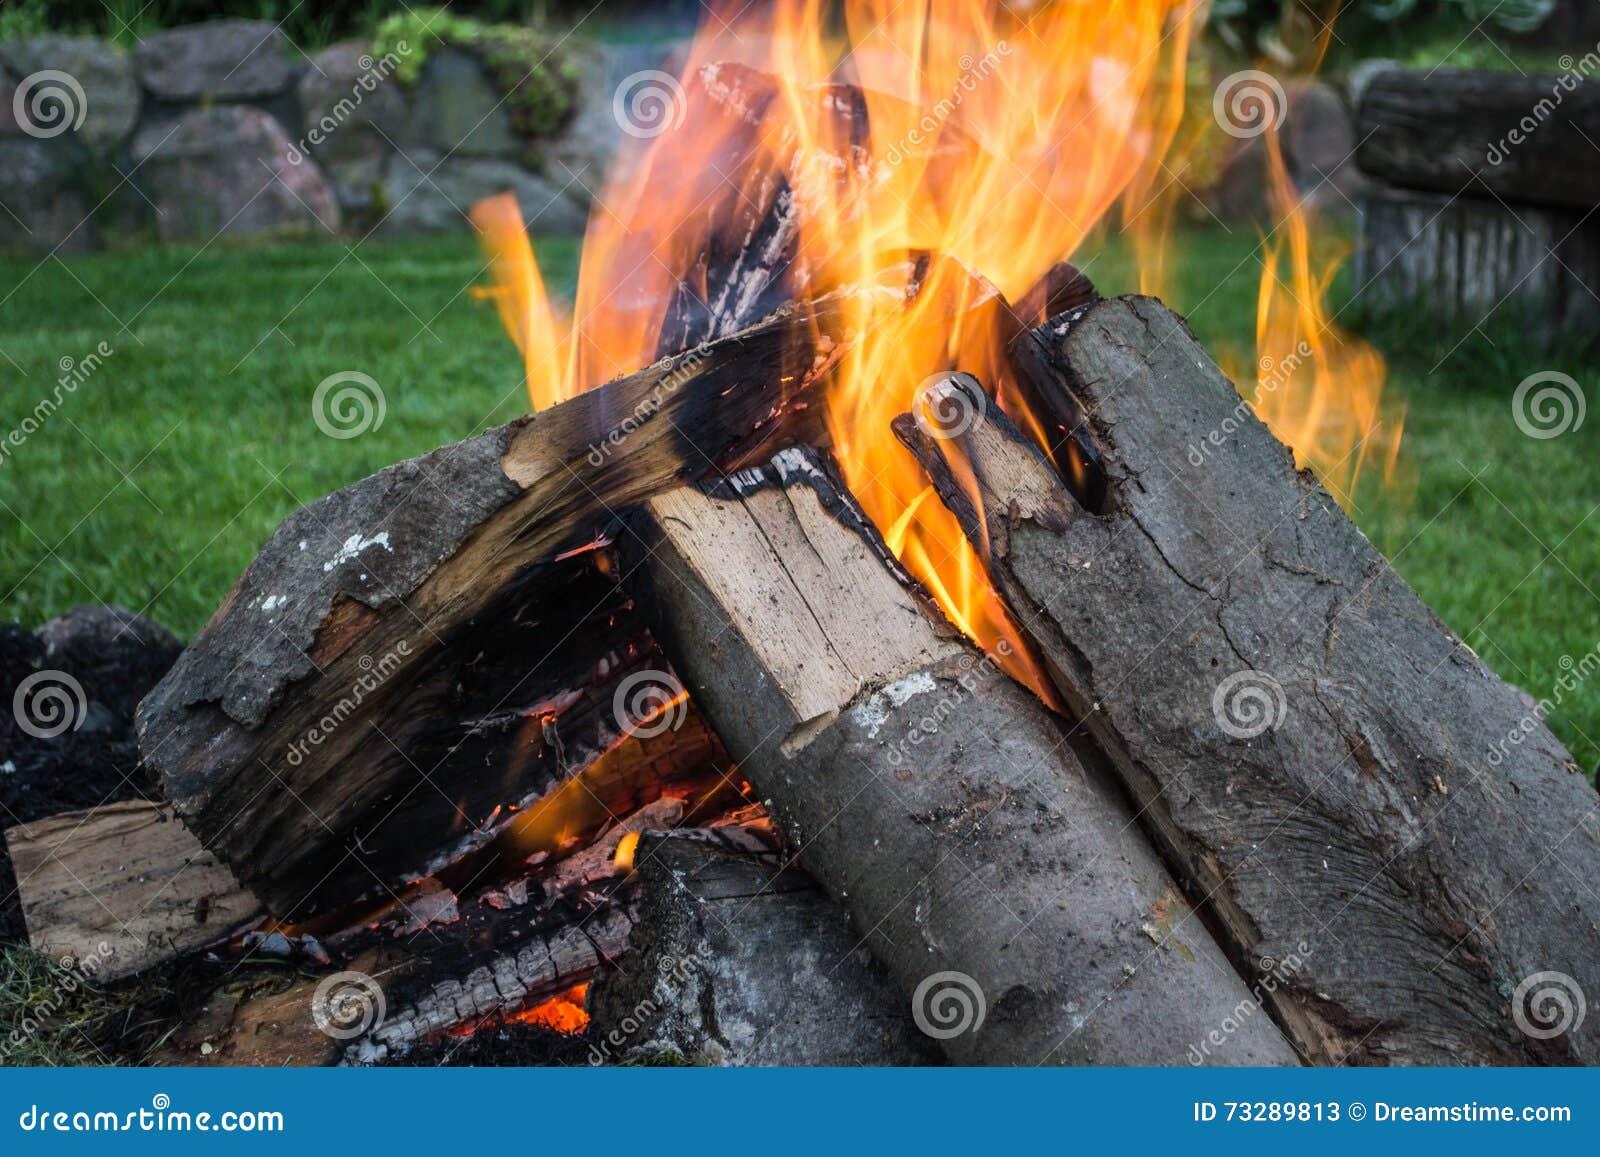 Vuur in een tuin stock afbeelding afbeelding bestaande uit vuur